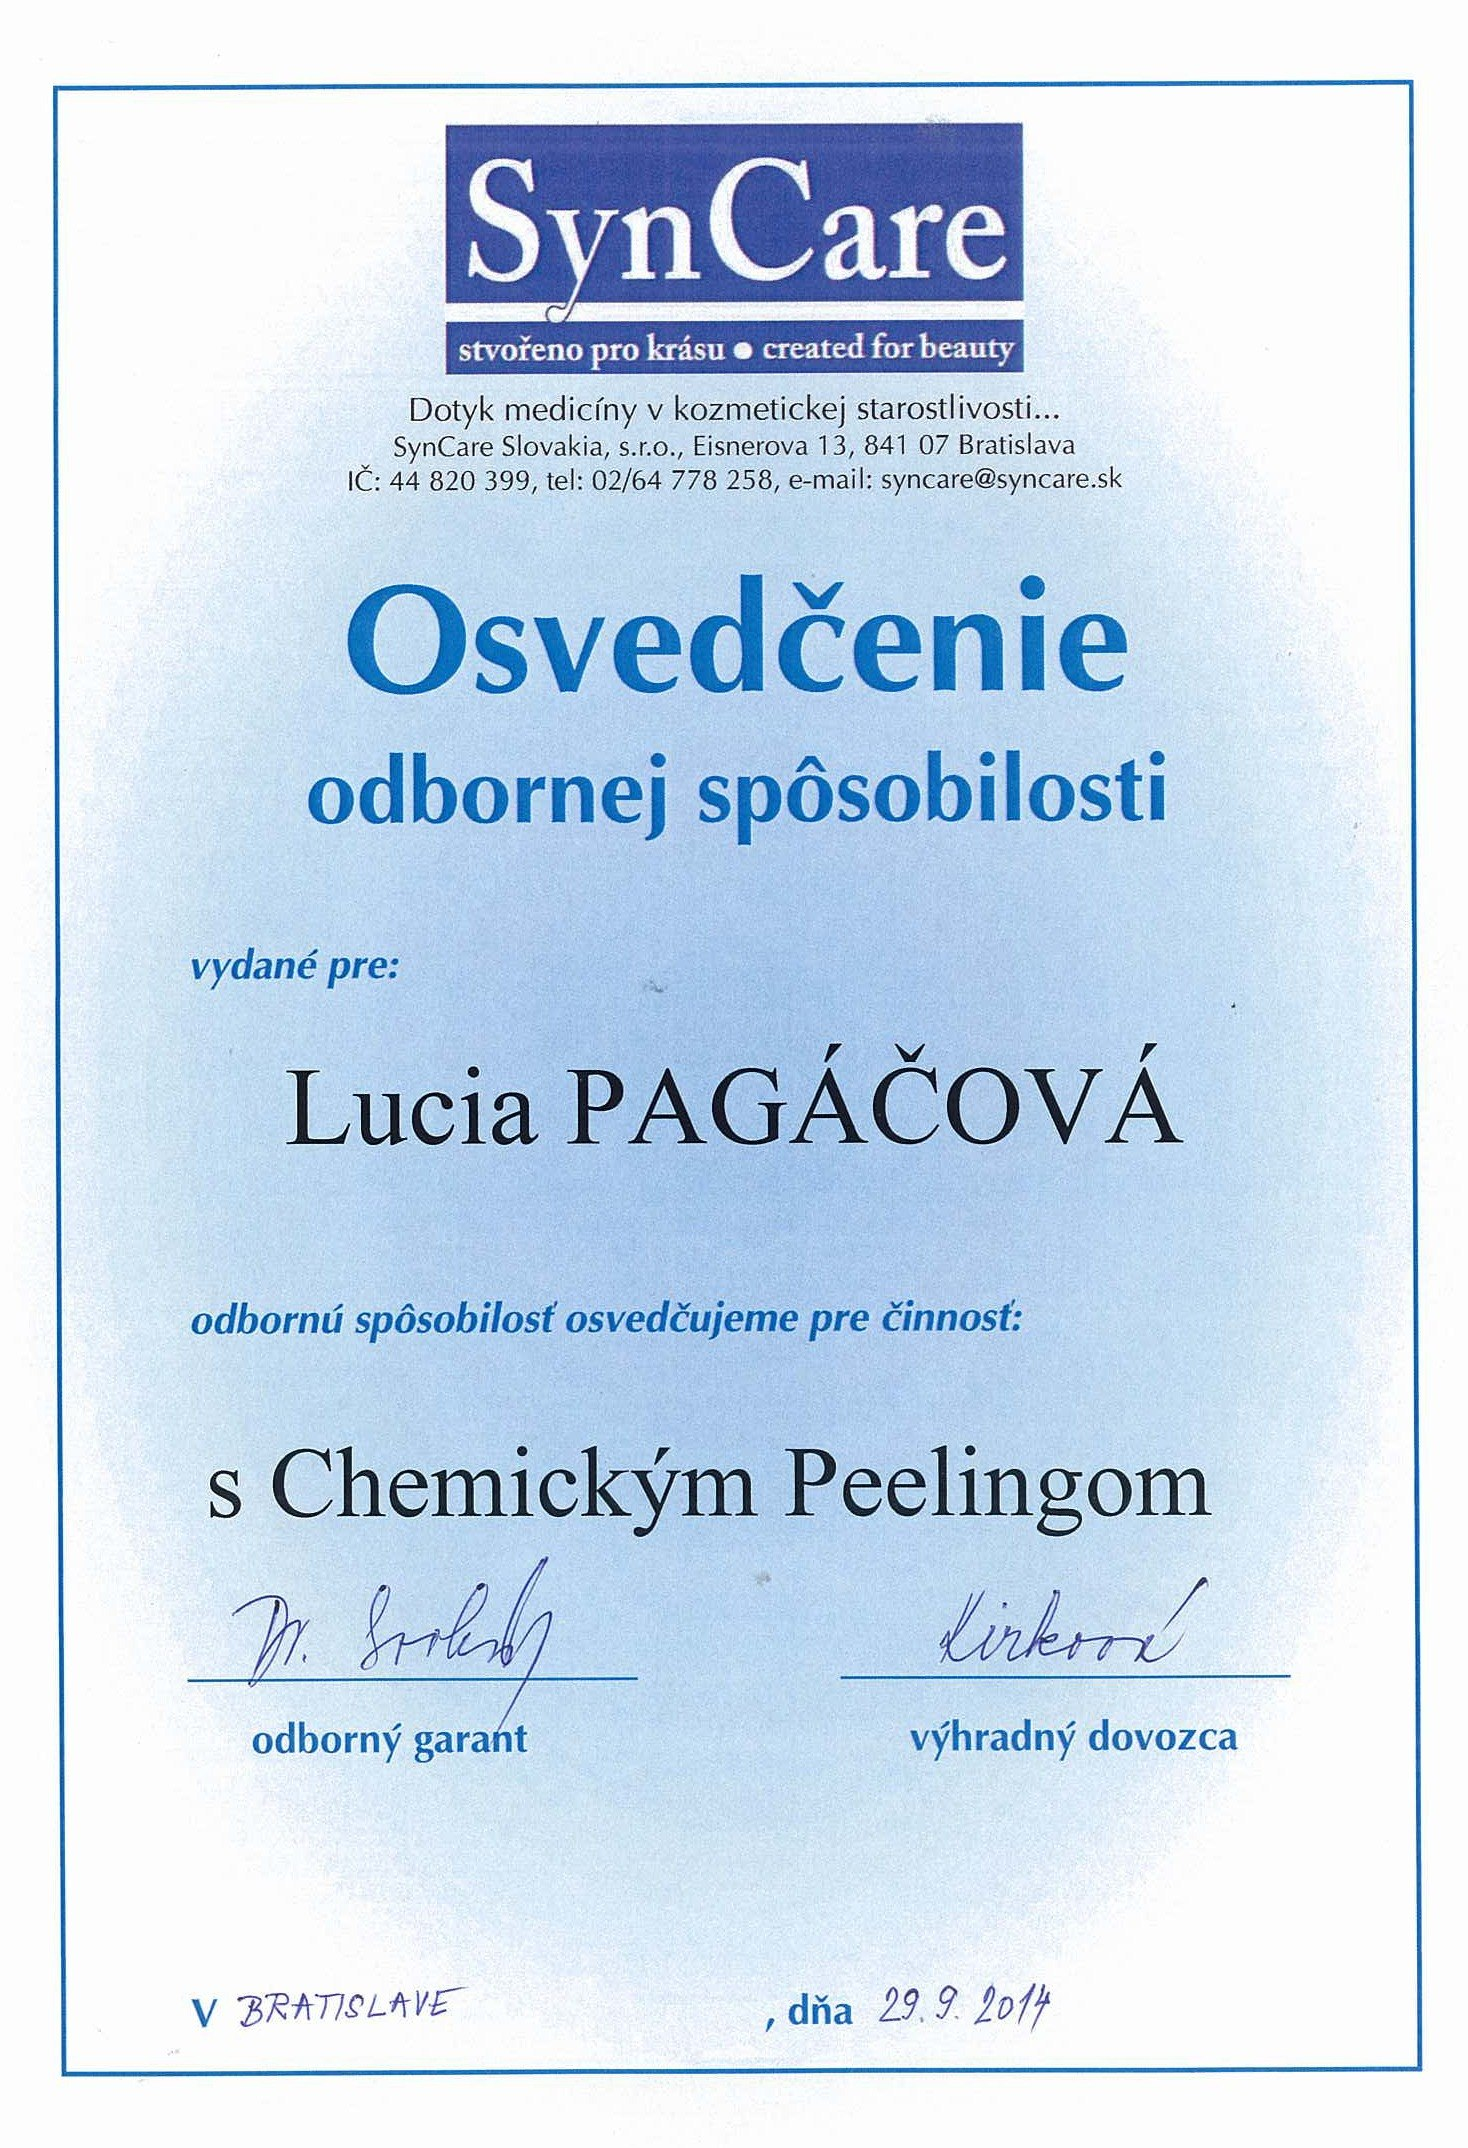 certifikat-chemisky-peeling-bratislava